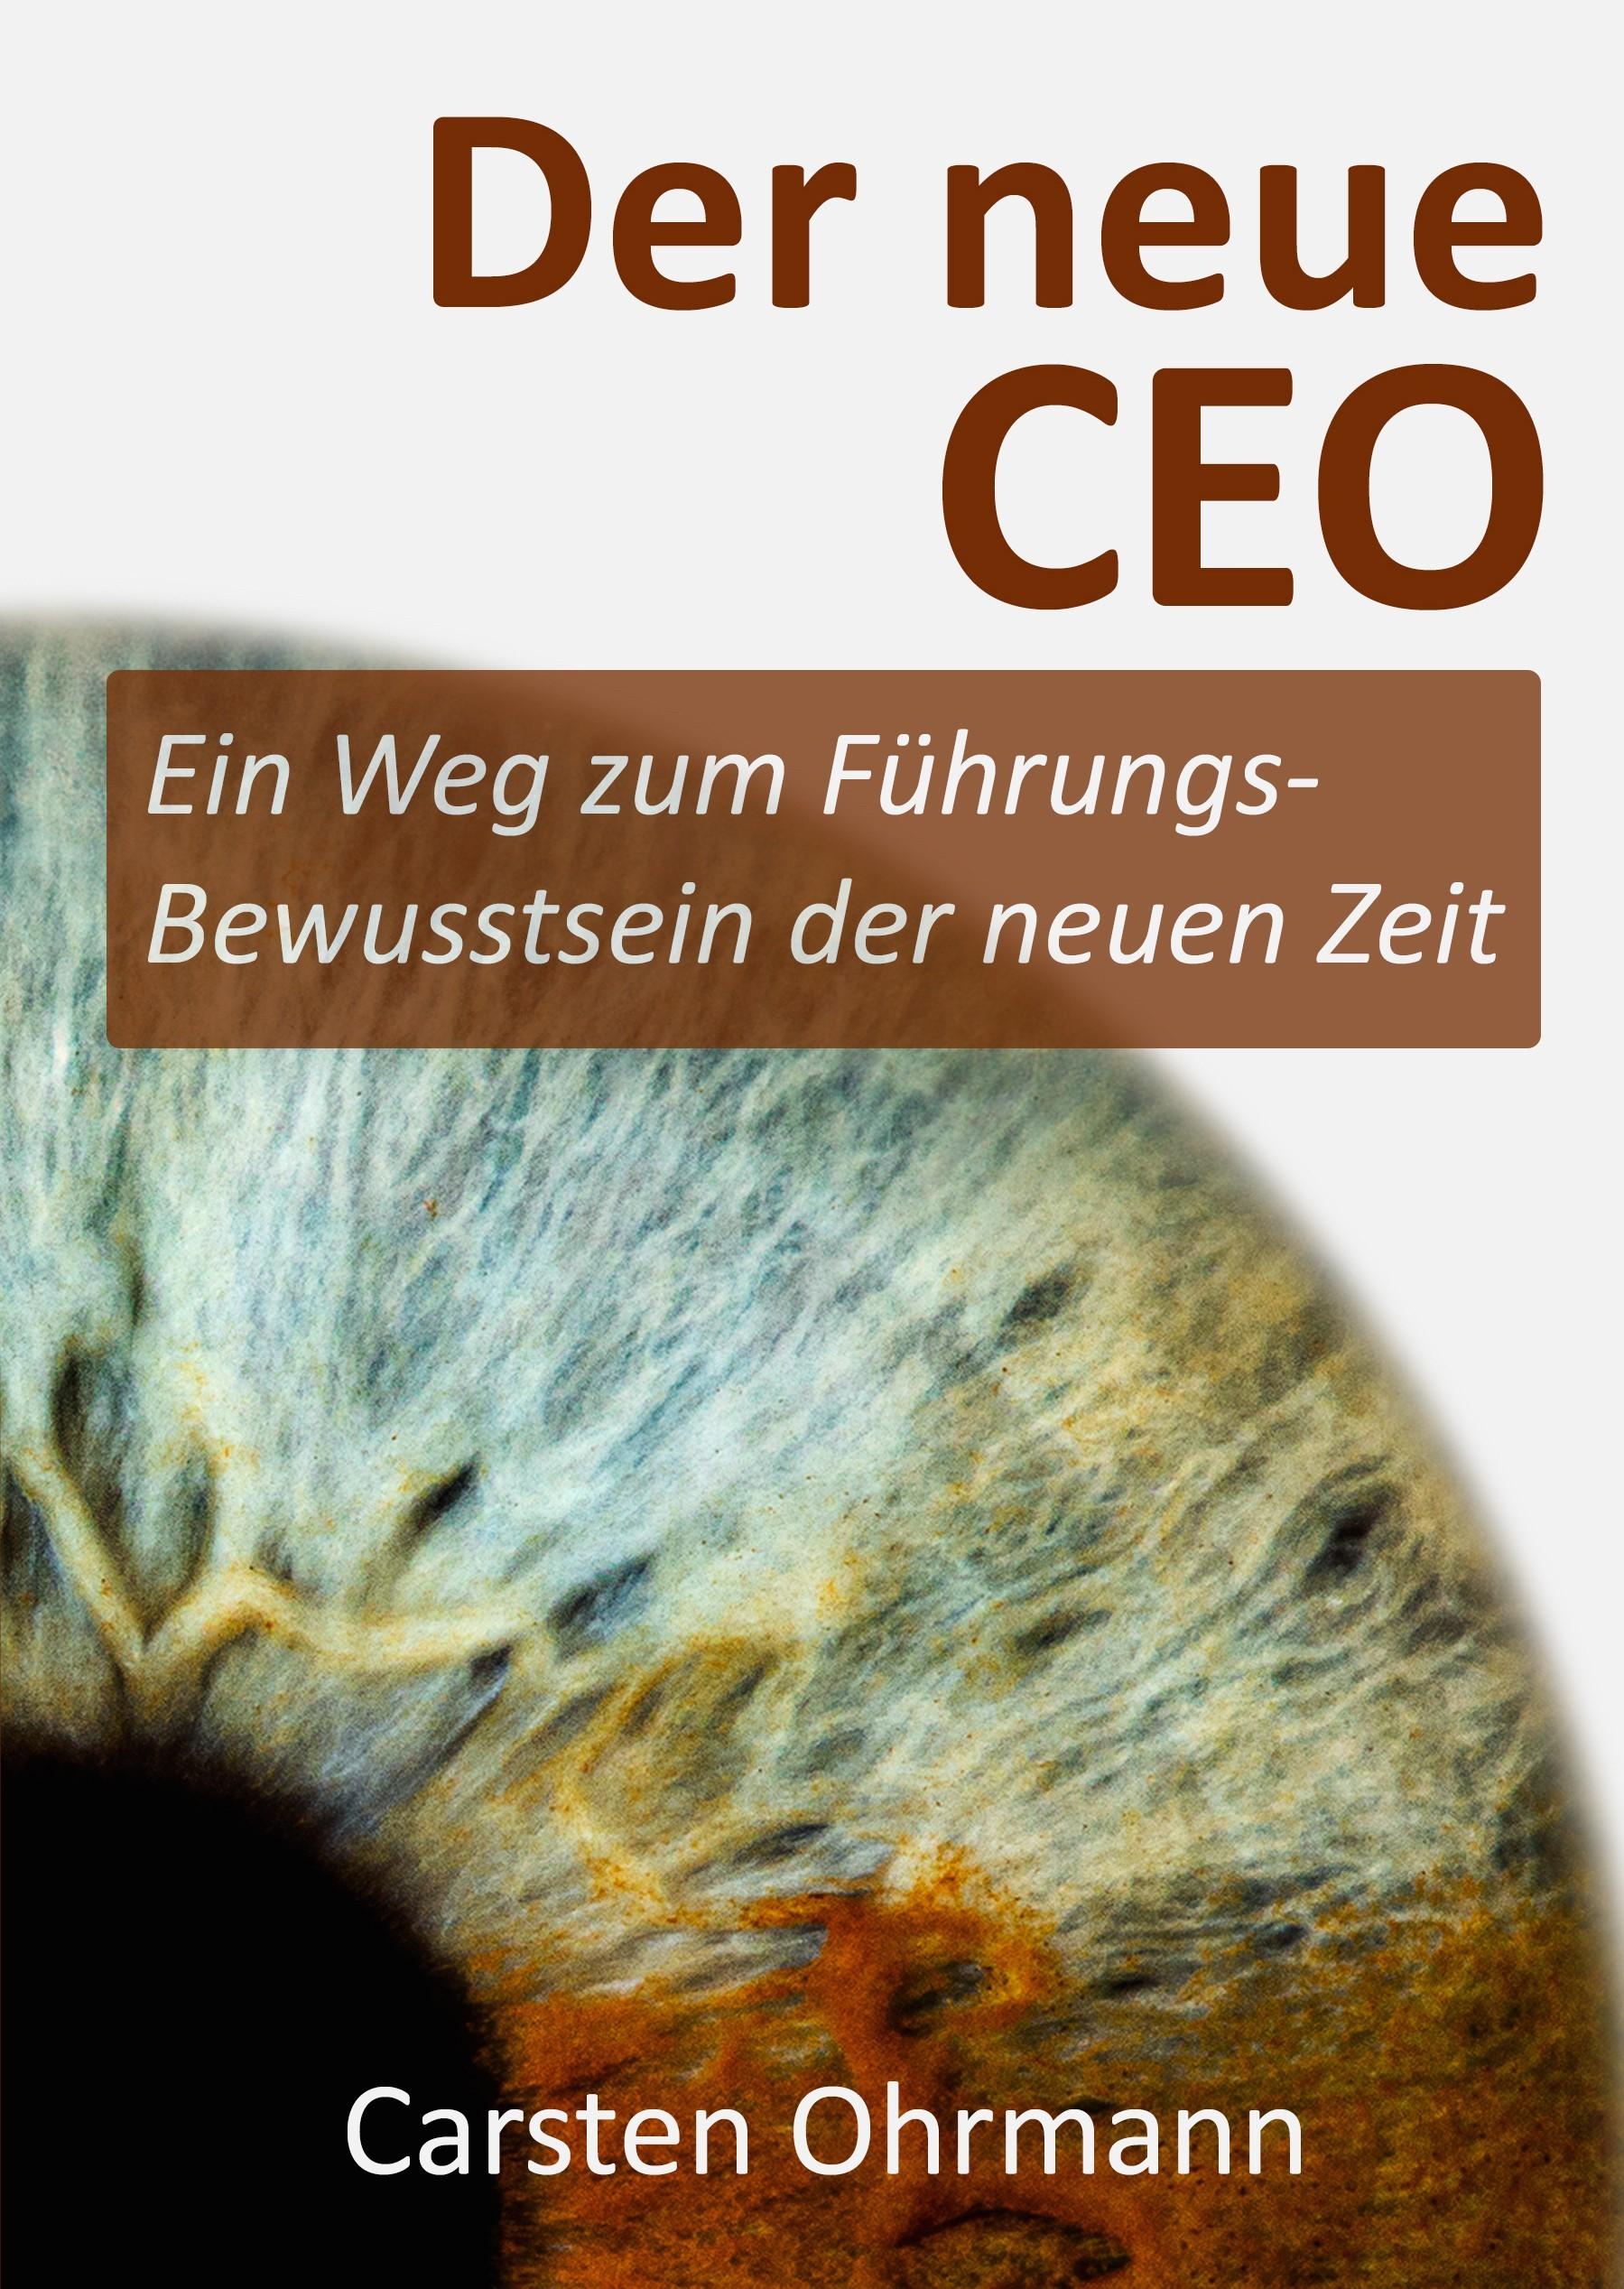 Expert Marketplace -  Carsten Ohrmann  - Der neue CEO - Ein Weg zum Führungs-Bewusstsein der neuen Zeit